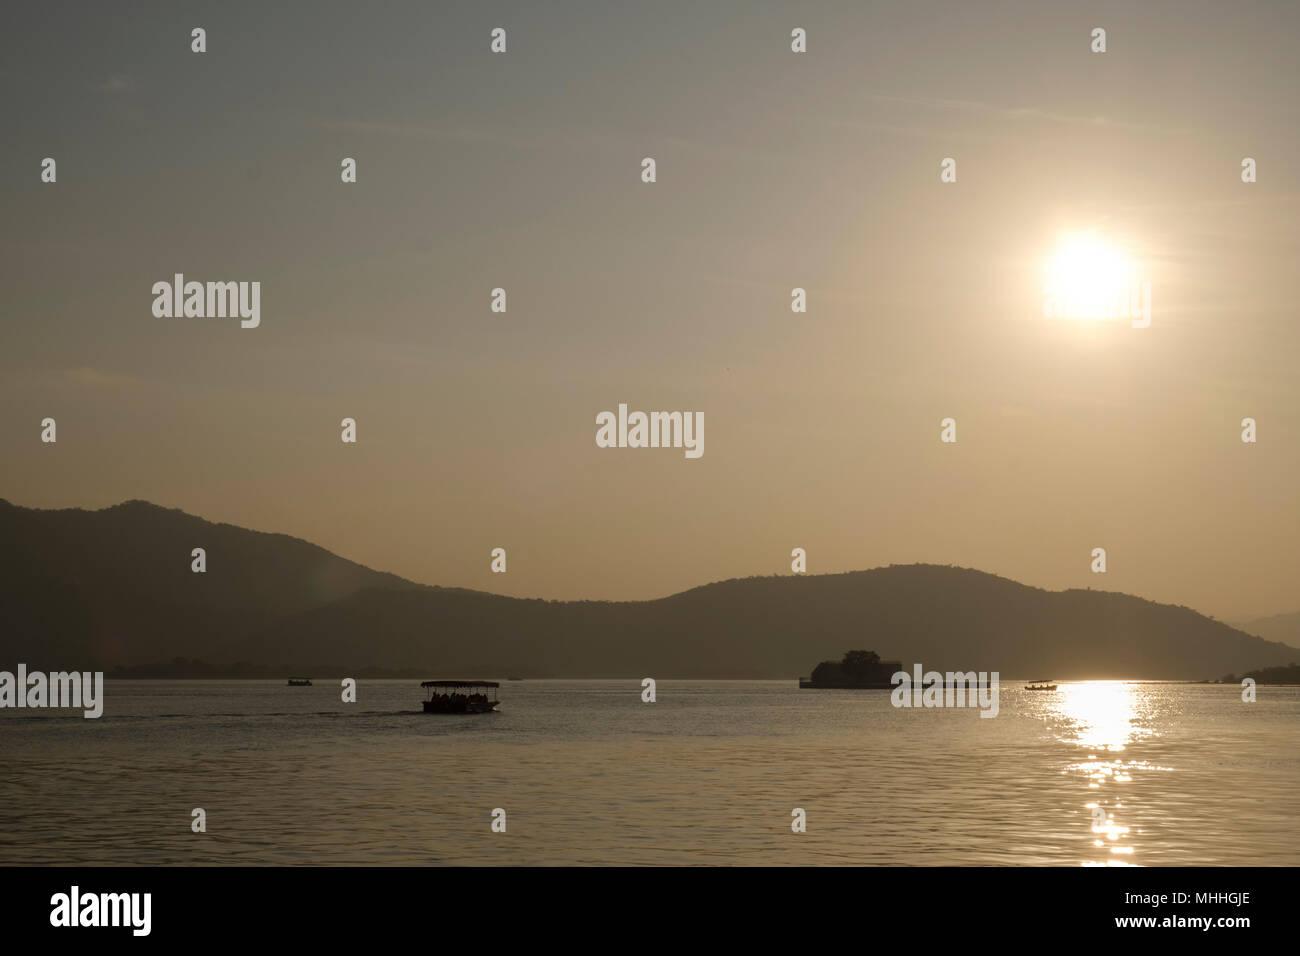 Coucher de soleil sur le lac Pichola, Udaipur, également connu comme la ville des lacs, la Venise de l'Orient, est la capitale historique du royaume de Mewar, Rajasthan. Banque D'Images